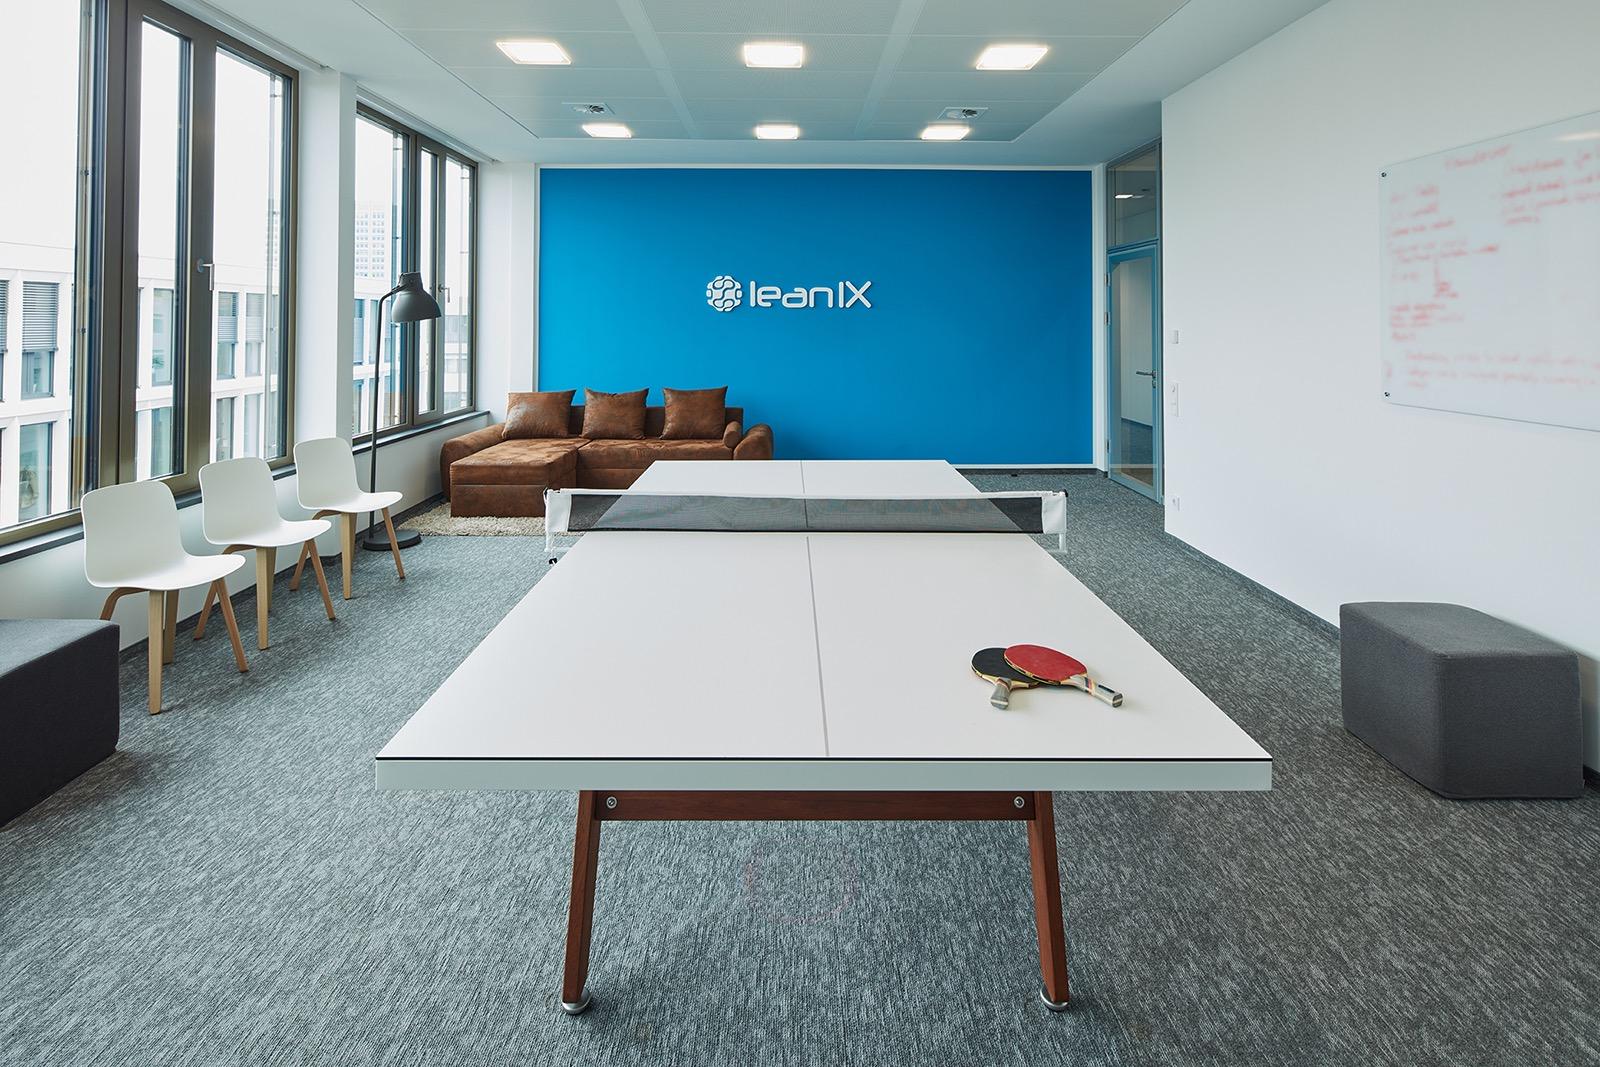 leanix-office-bonn-1